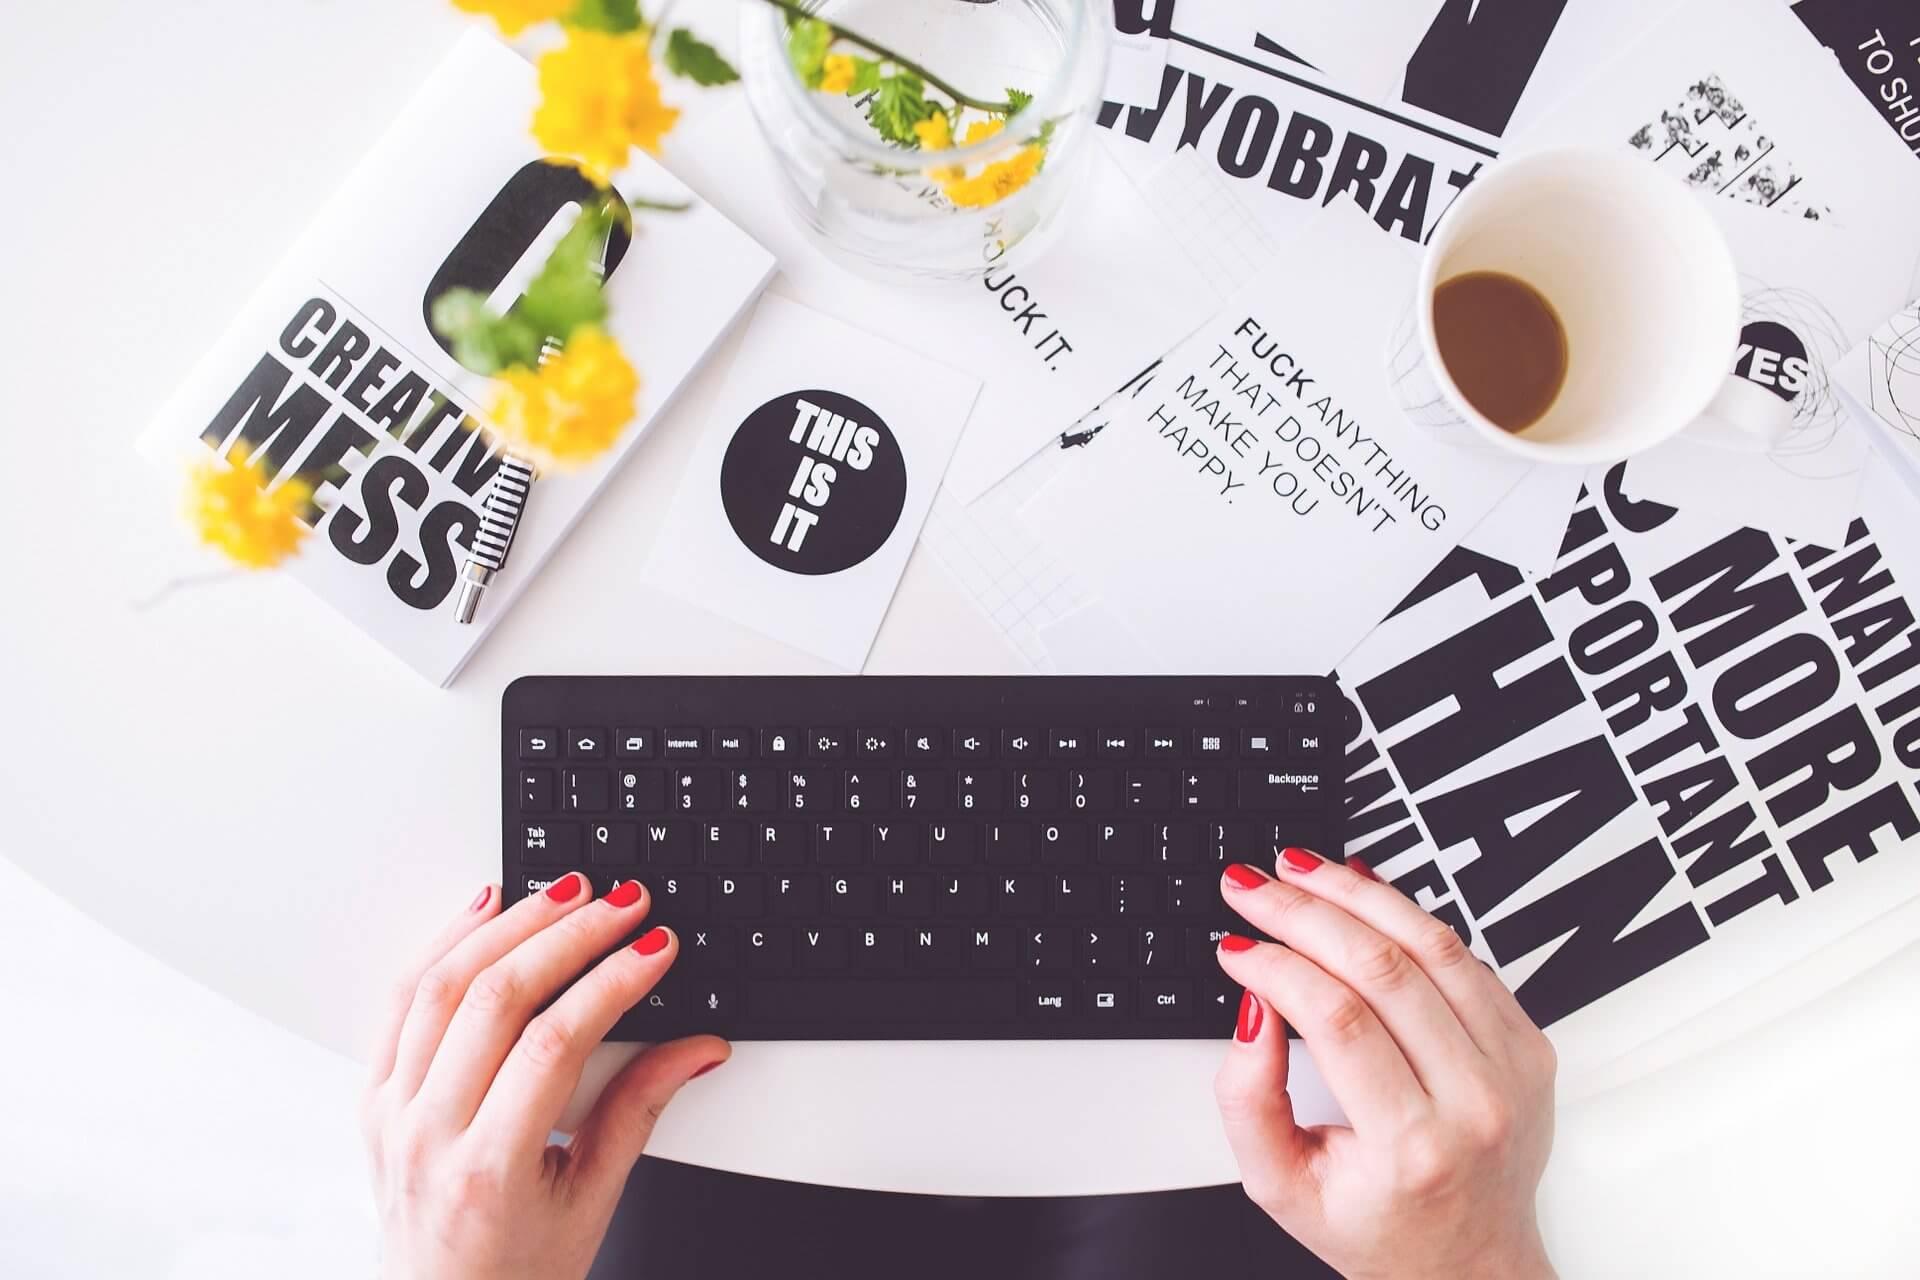 Blog yazısı yazmanın getireceği faydalar